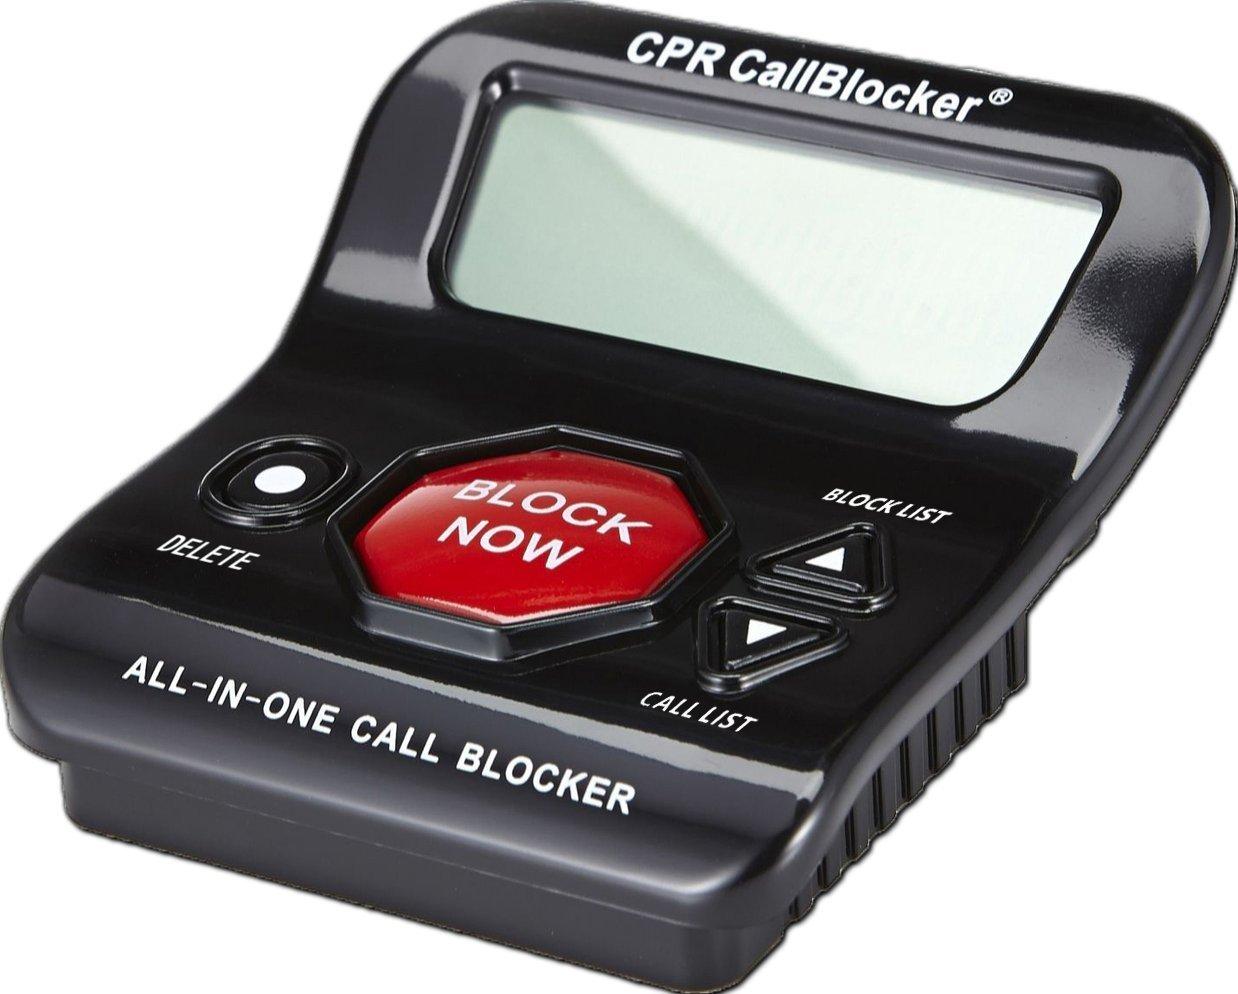 V5000 call blocker device